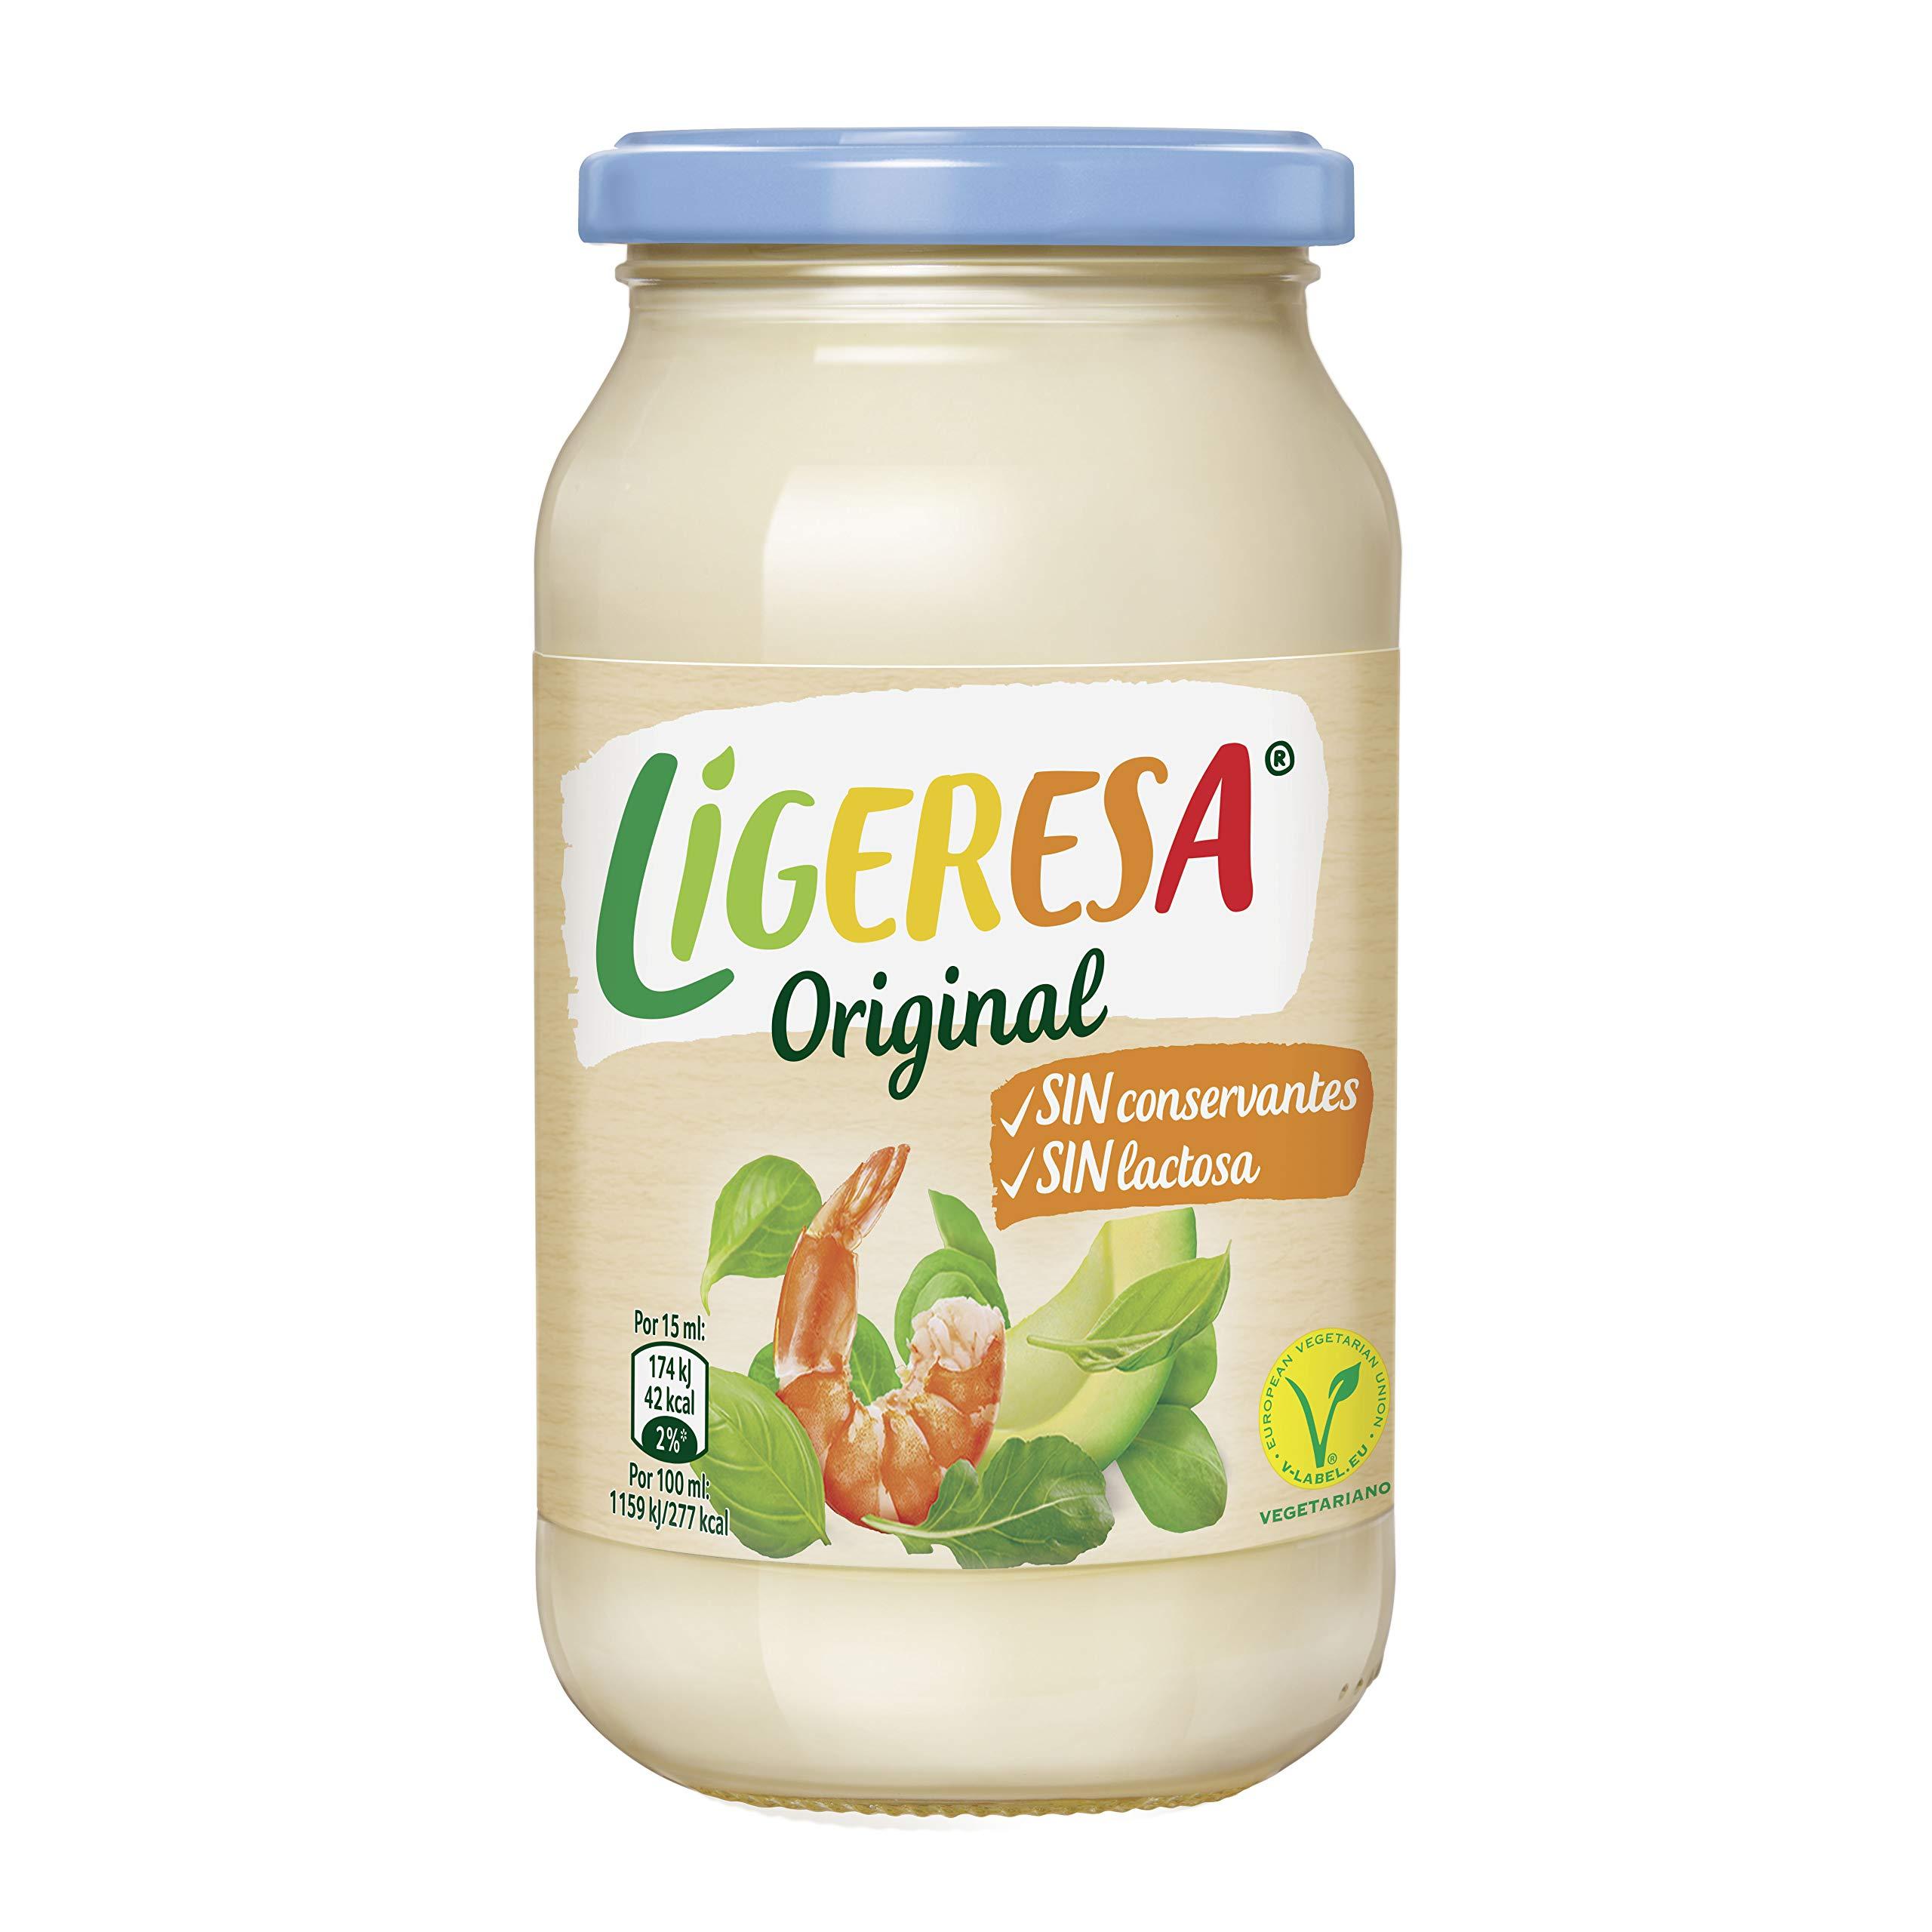 Ahorra 5€ por compras superiores a 10€ en Ligeresa/Hellmanns : 8 botes de Ketchup por menos de 6€